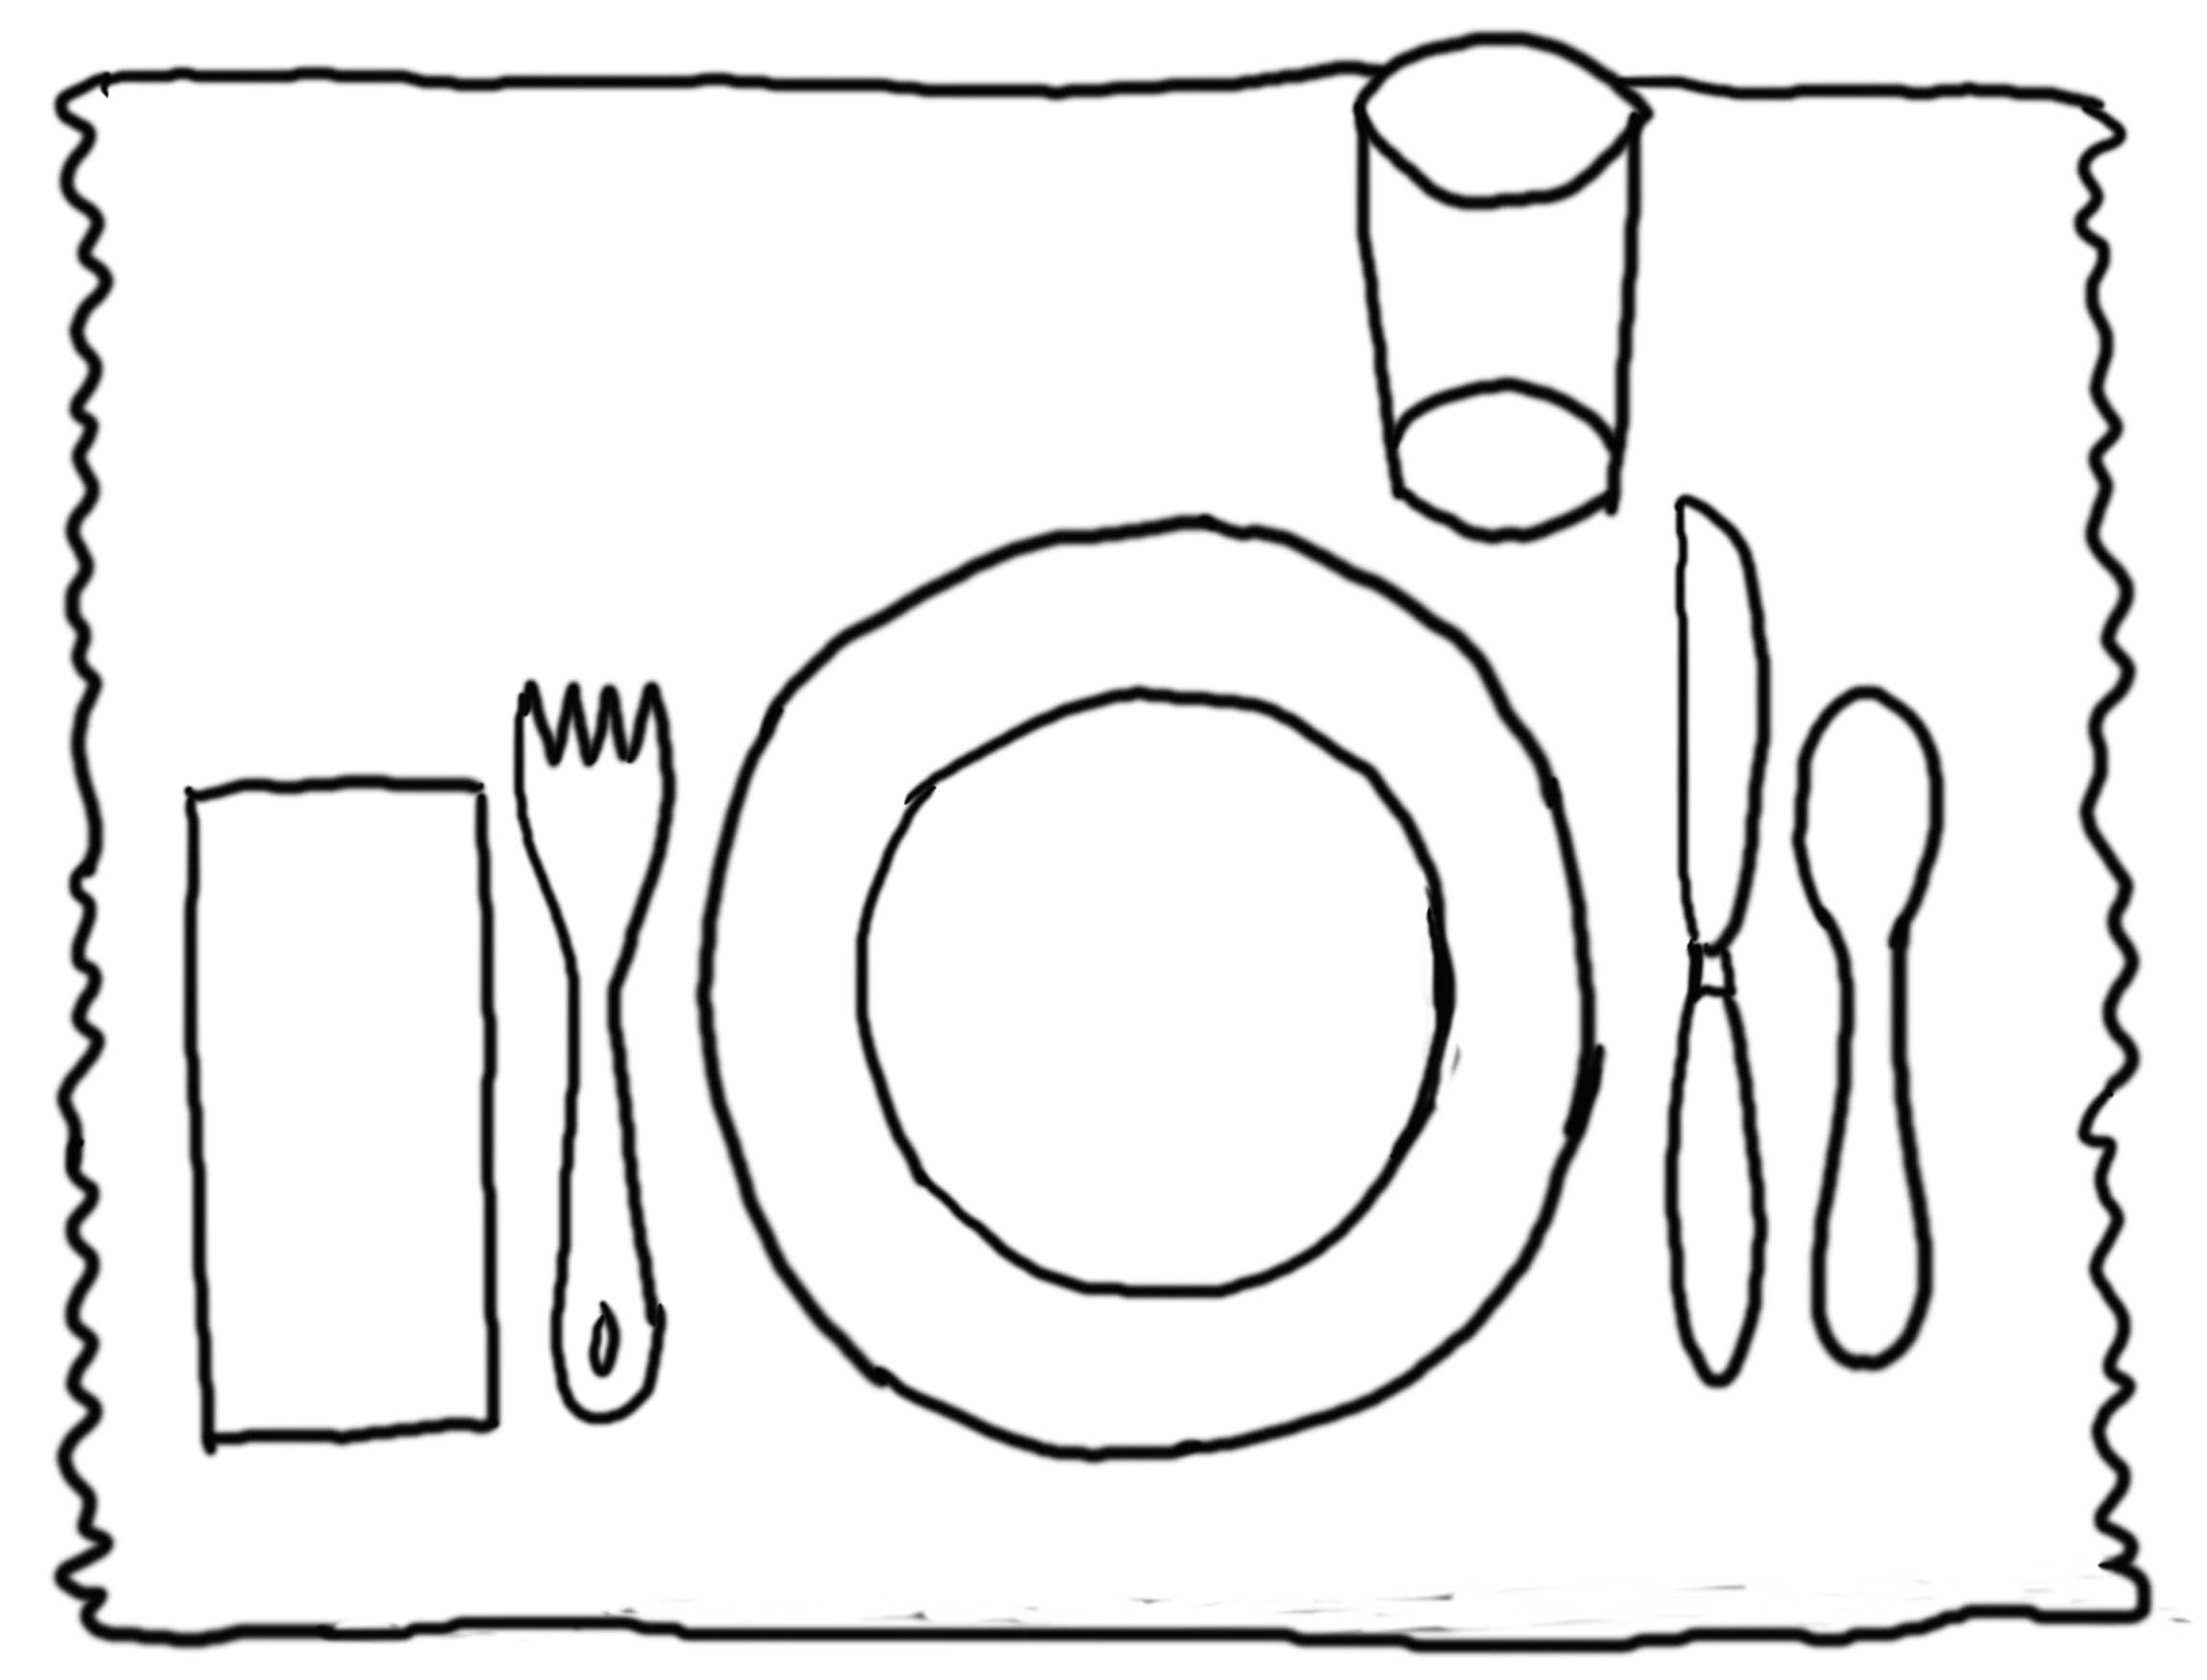 Placemat Clipart.